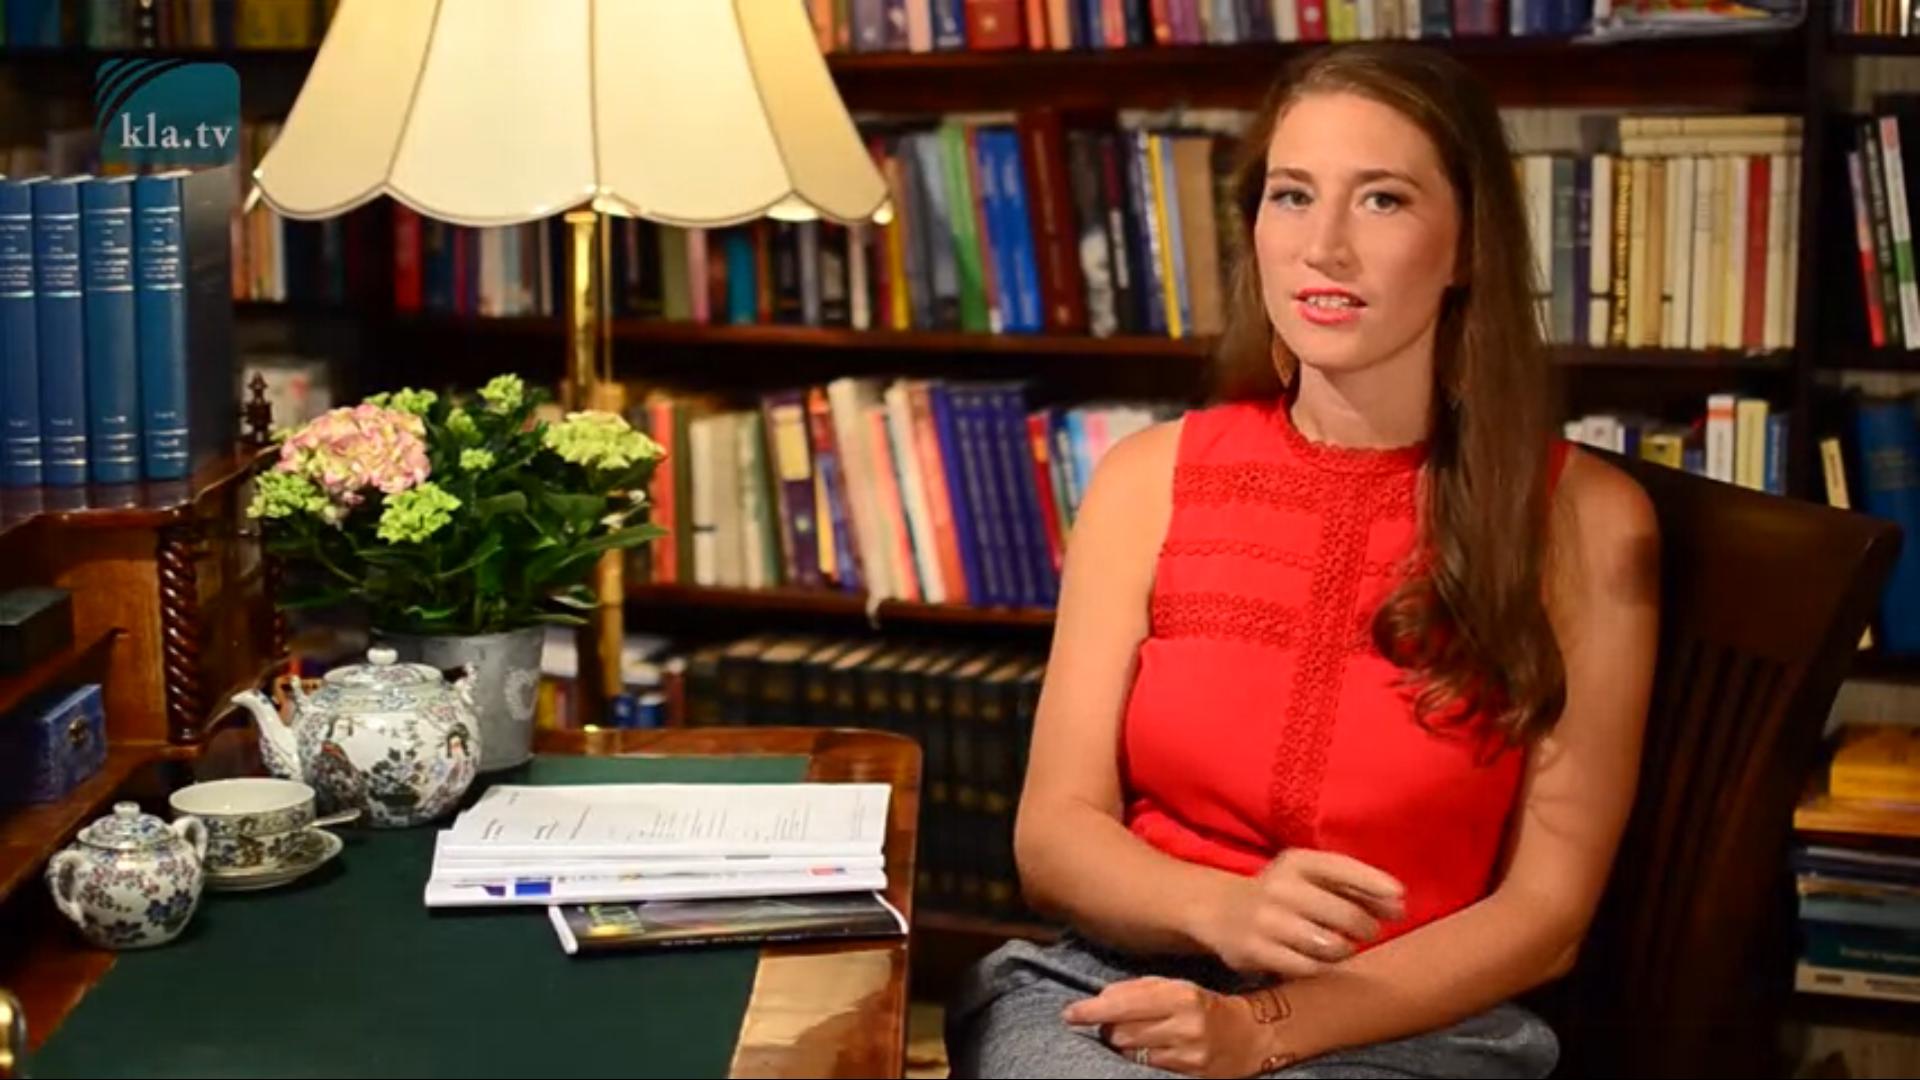 Nagyszerű videók a KLA tévé magyar adásaiban